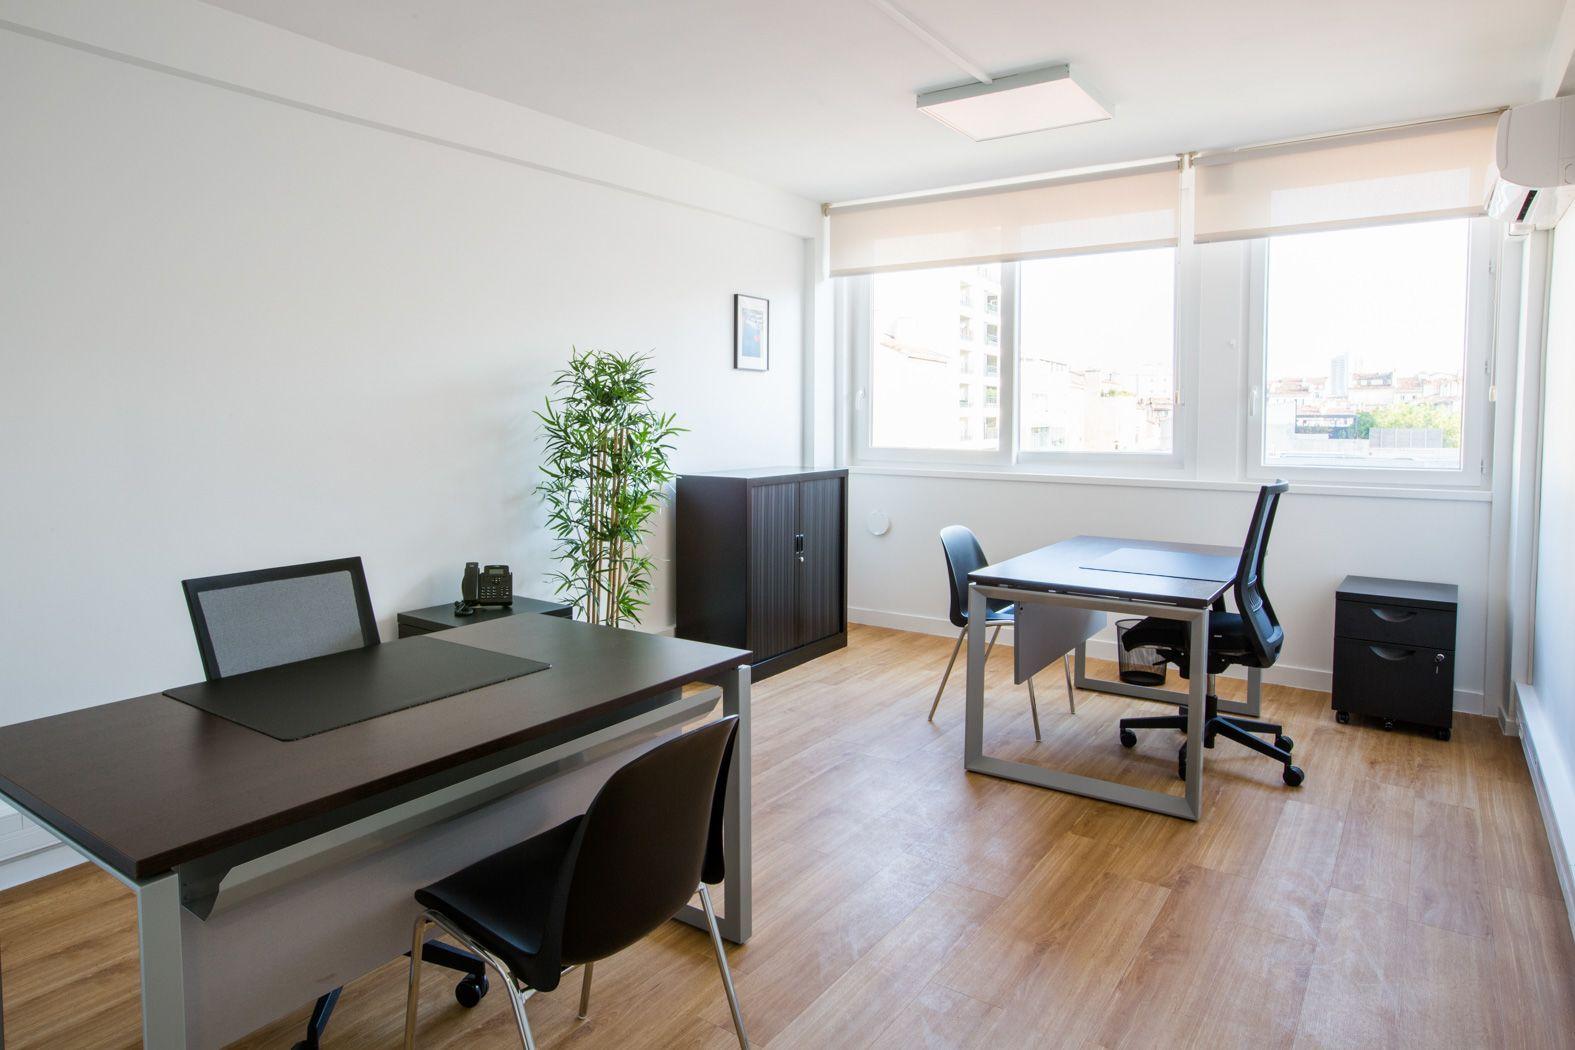 bureau privatif de 2 personnes à Marseille